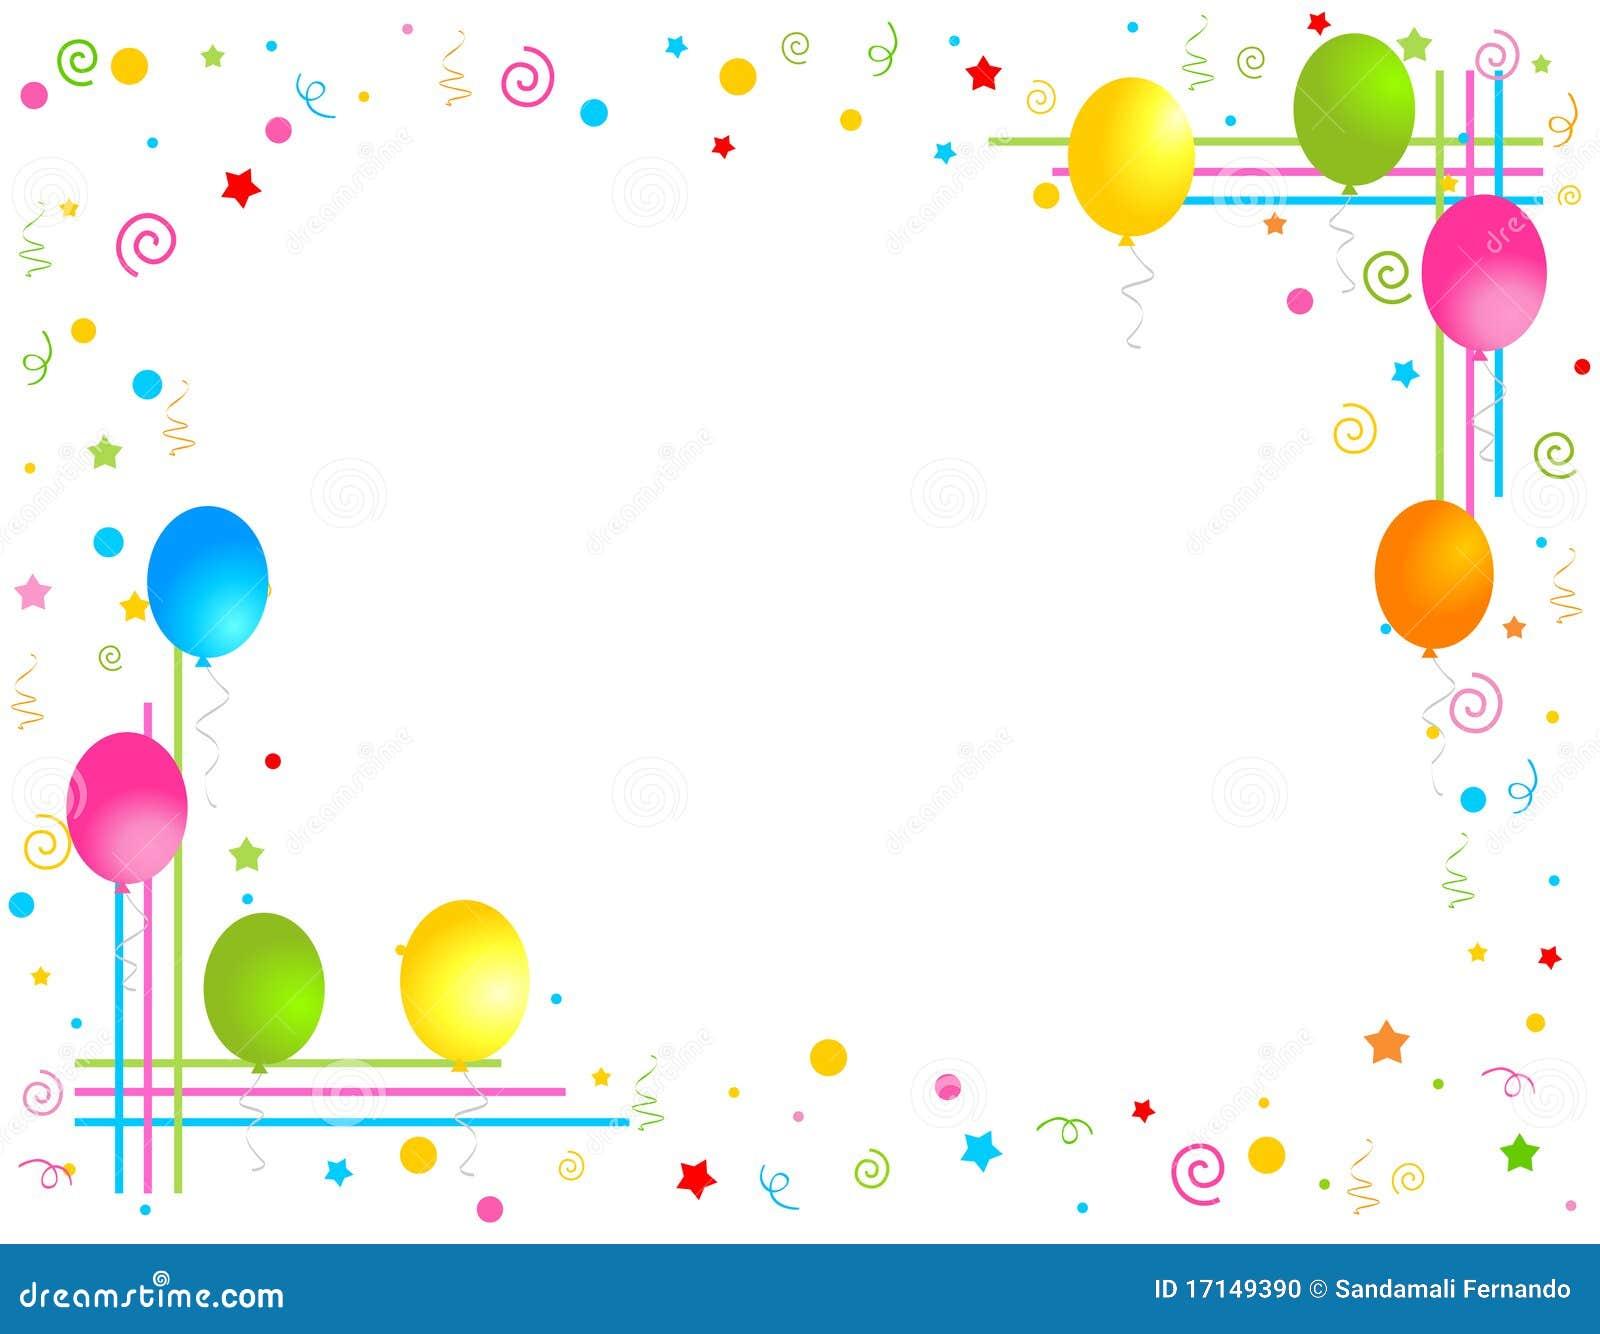 Colorful balloons border party frame stock photo image - Decorador de fotos gratis ...